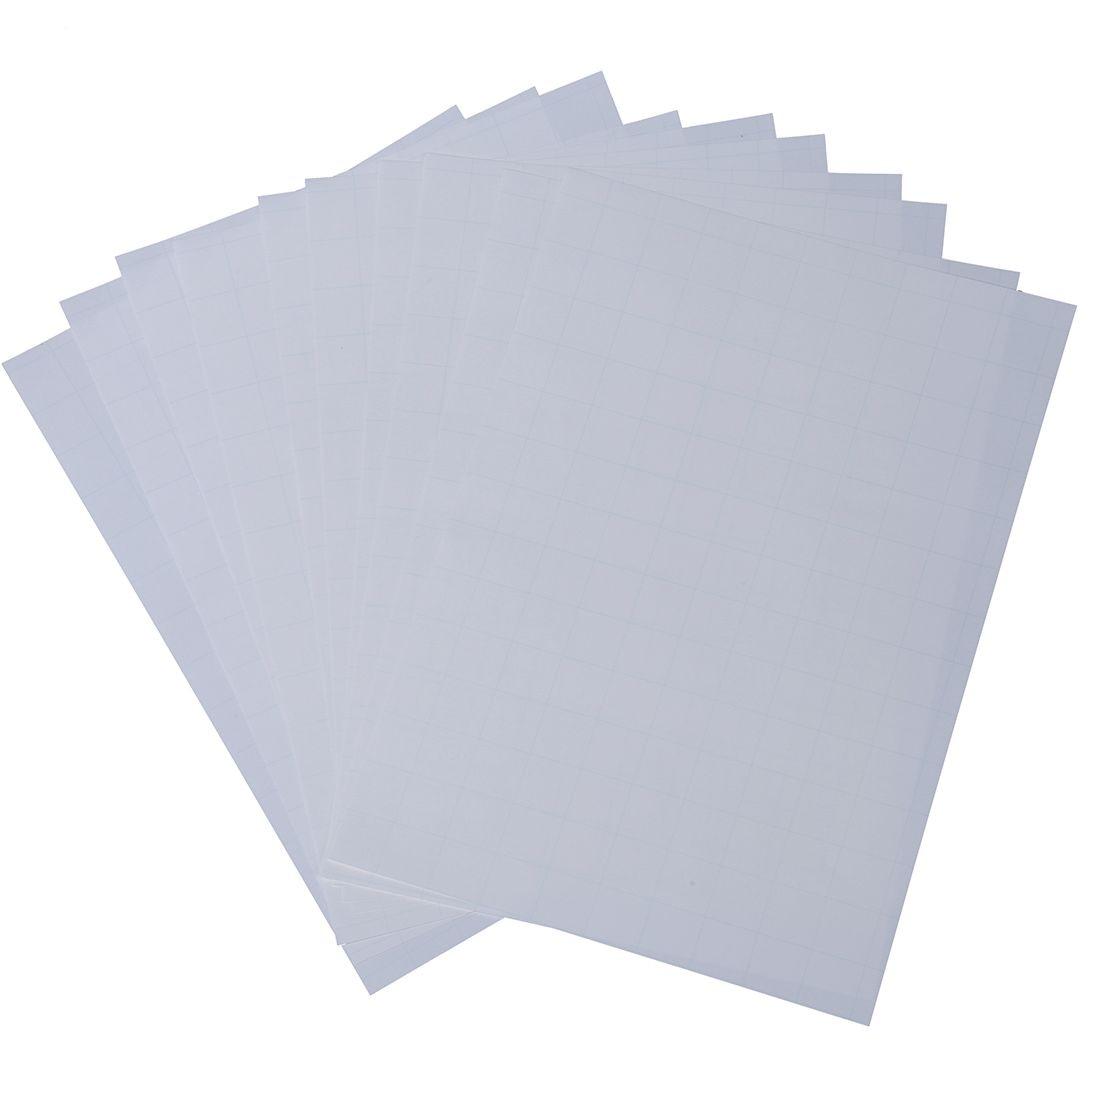 10 Sheets A4 Inkjet Transfer Paper Transfer Paper for T-Shirt